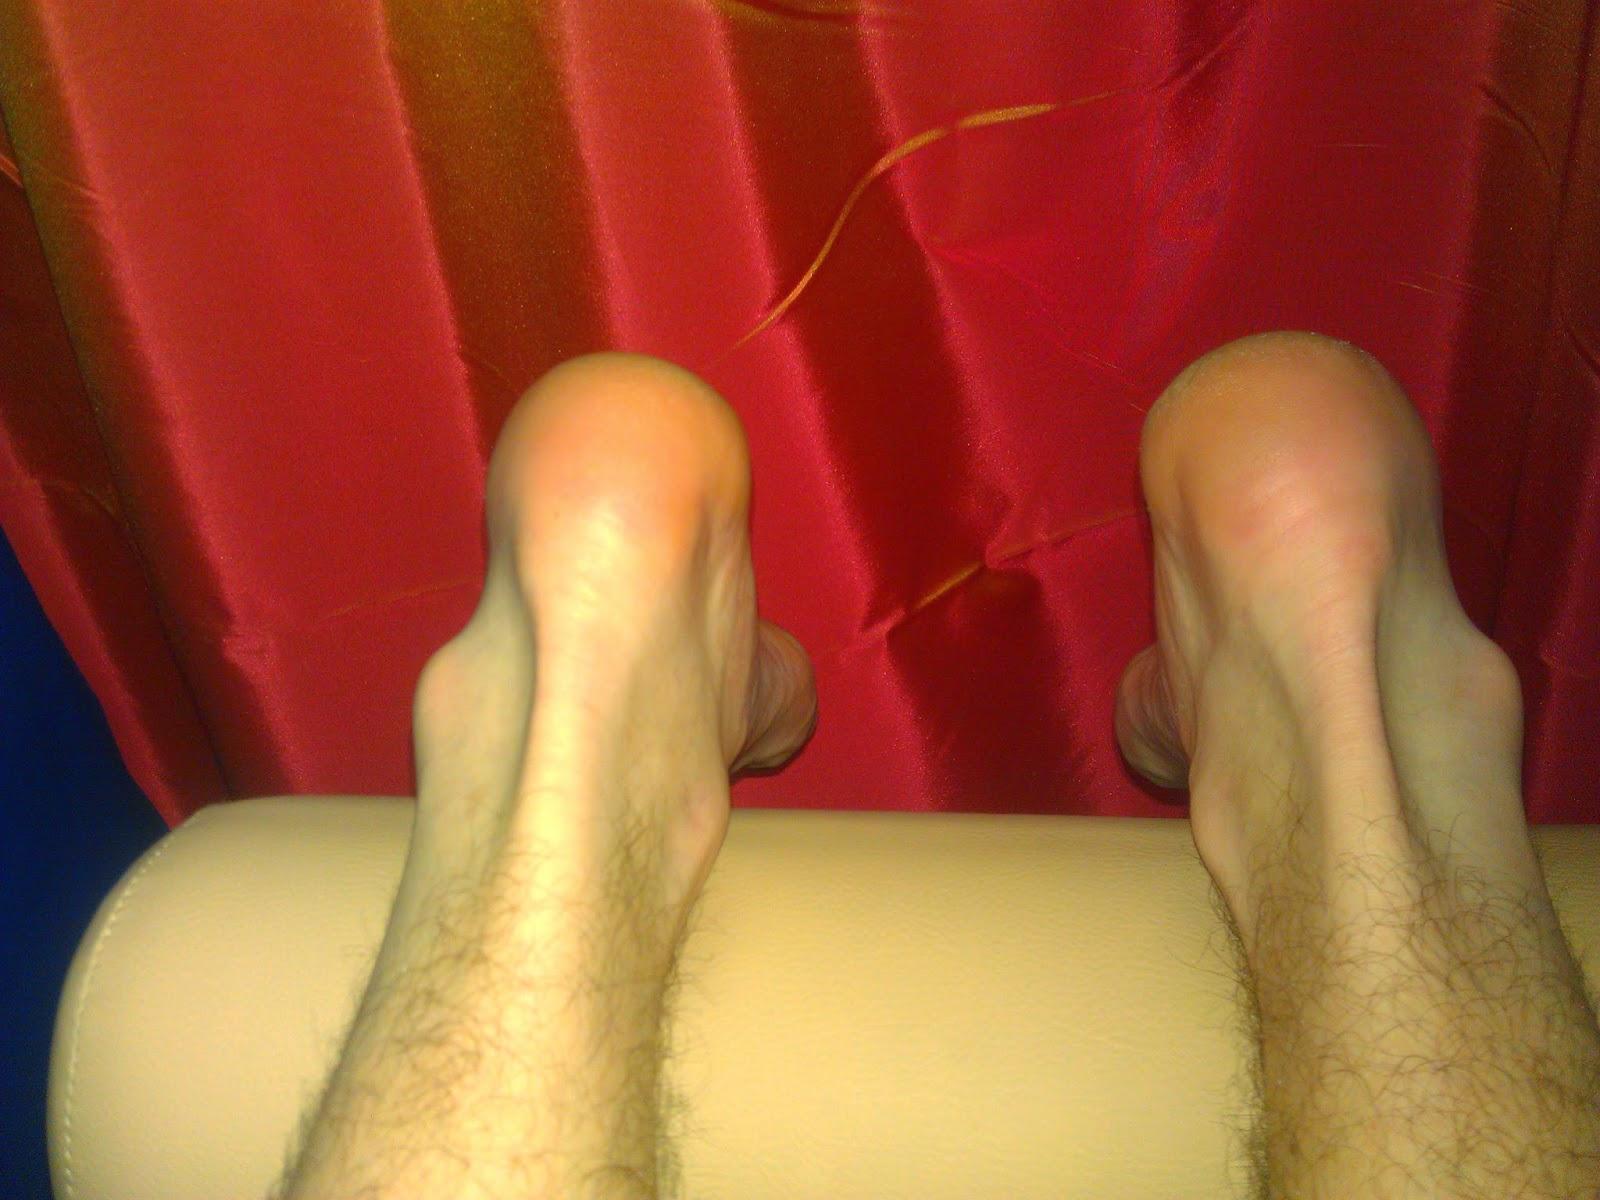 Косточки на ногах шишки  фотографии до и после удаления